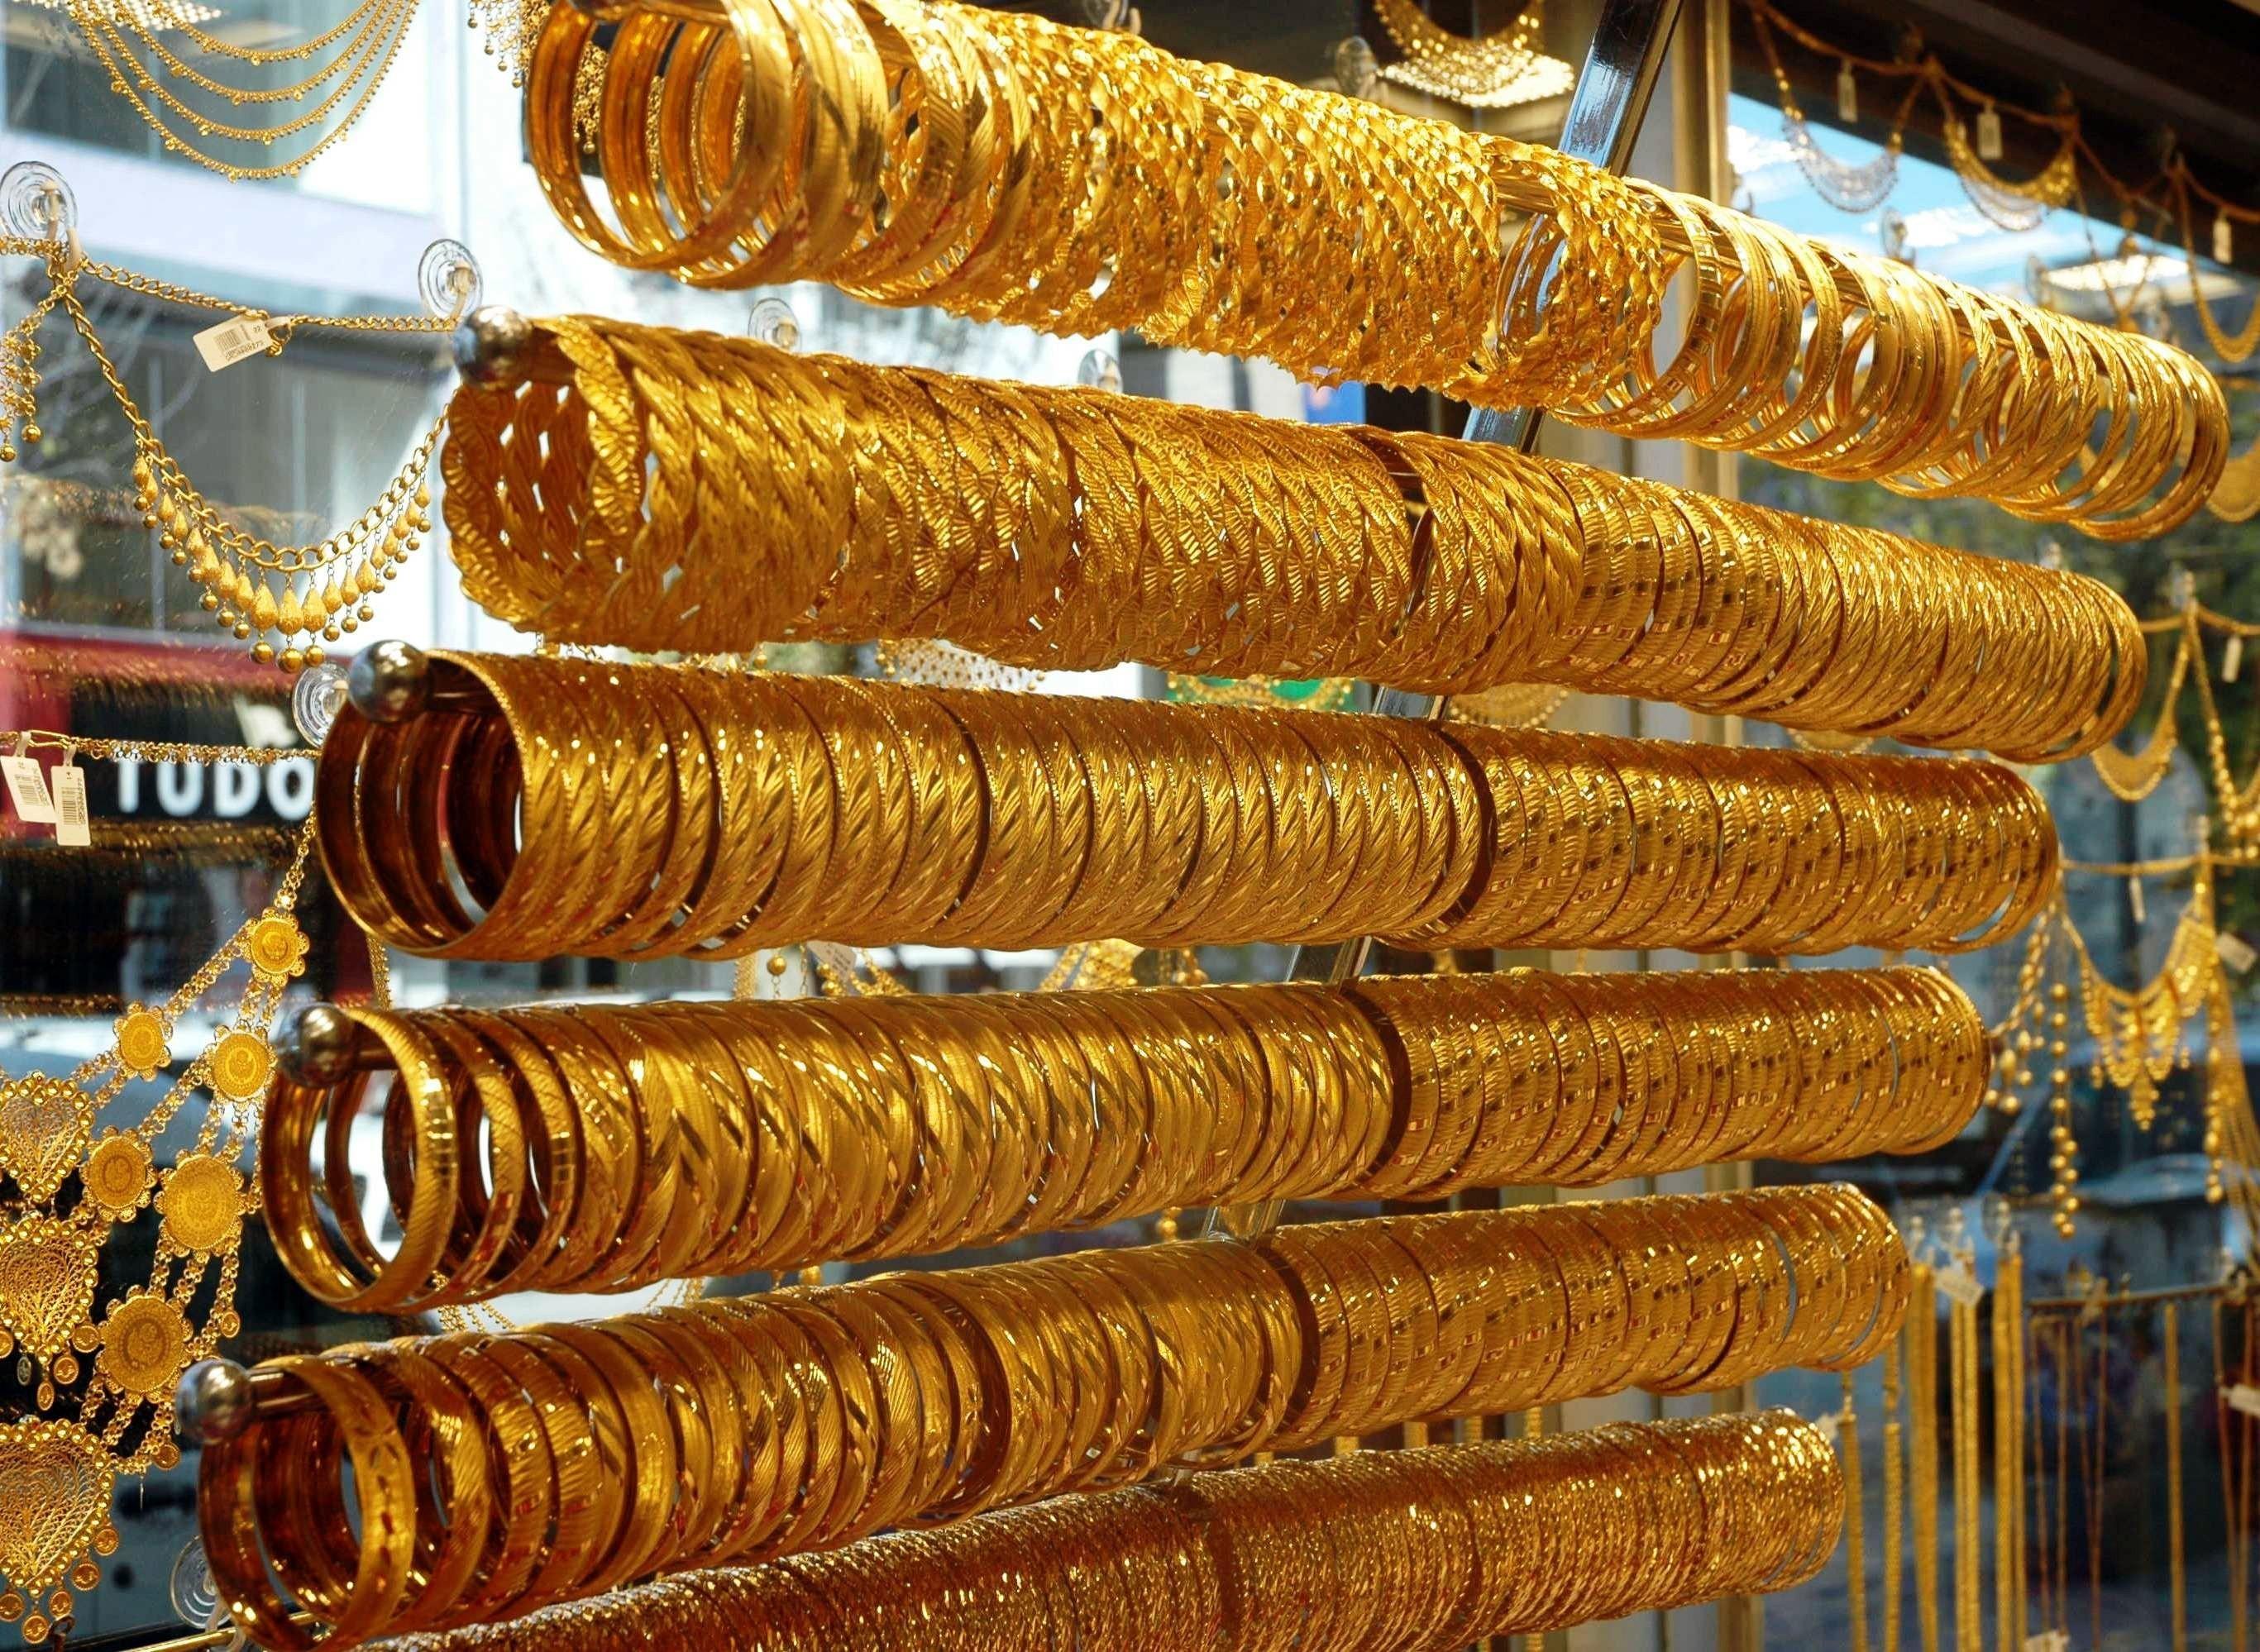 <p>Serbest piyasada 24 ayar külçe altının gram satış fiyatı 449,20 lira oldu.<br /><br /></p> <p>İstanbul Kapalıçarşı'da 449 liradan alınan 24 Ayar Külçe Altın (Gr.) 449,20 liradan, 2 bin 959 liradan alınan Cumhuriyet Ata Lira 2 bin 980 liradan, 409,50 liradan alınan 22 Ayar Bilezik (Gr.) 413,50 liradan, 2 bin 891 liradan alınan Lira (Tam) Ziynet 2 bin 911 liradan, bin 446 liradan alınan Yarım Ziynet bin 456 liradan ve 723 liradan alınan Çeyrek Ziynet 728 liradan satılıyor.</p>